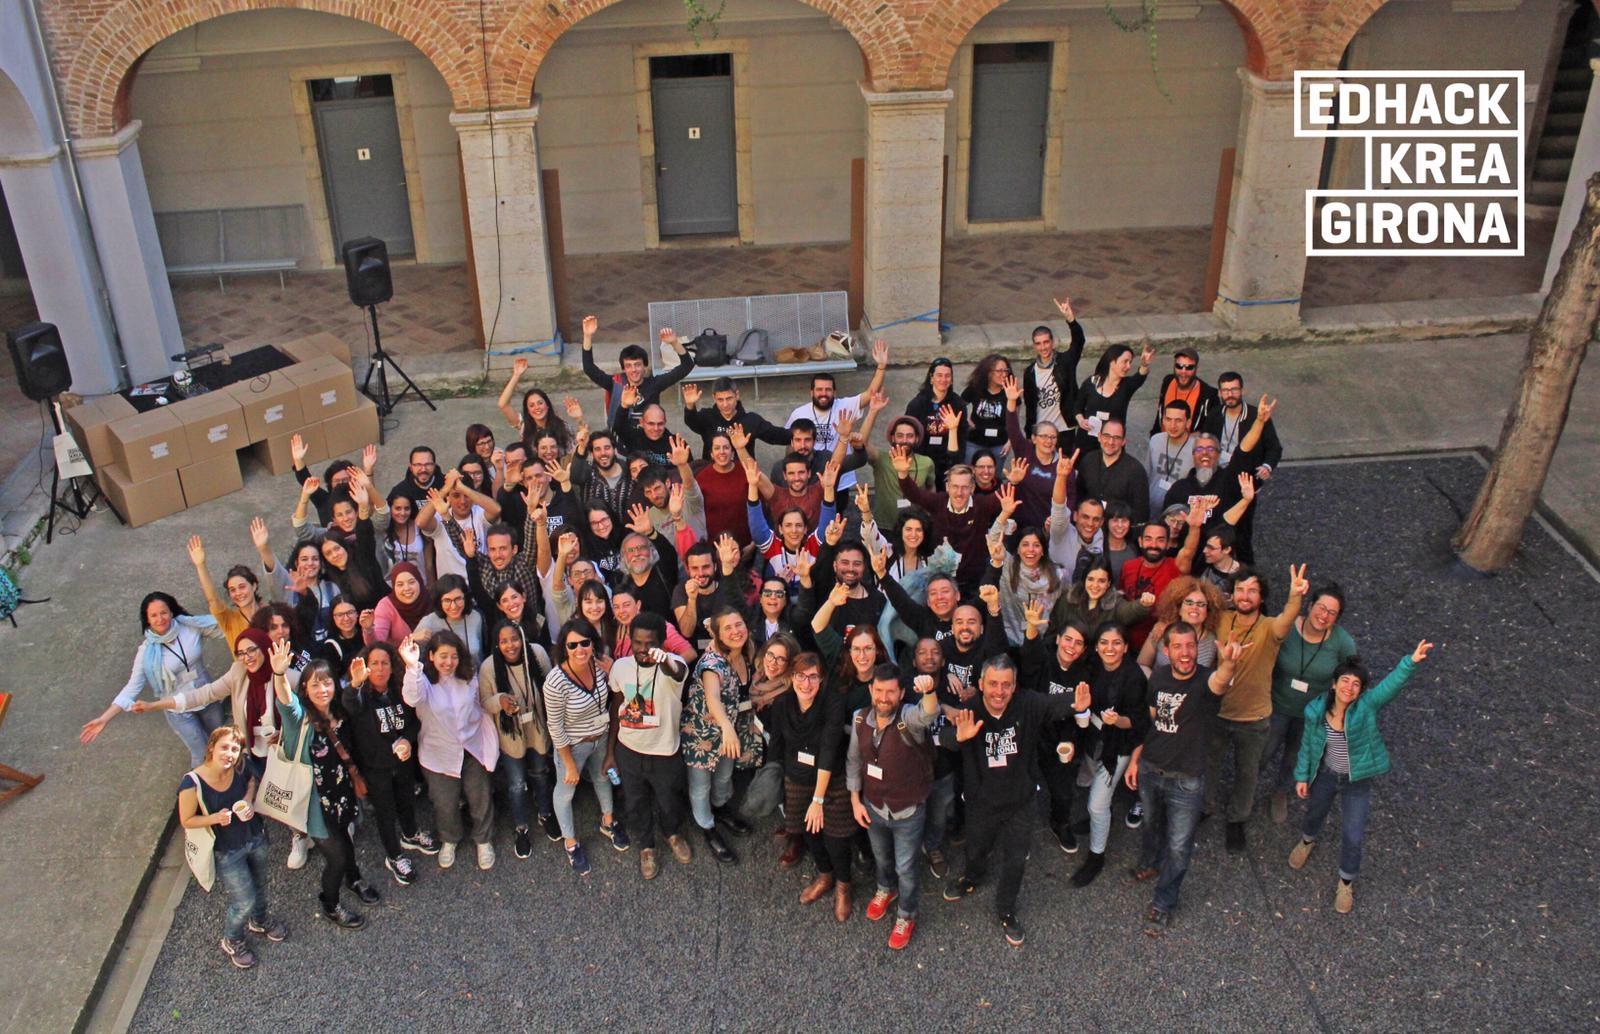 EDhack Girona: t'atreveixes a hackejar la connexió entre educació i cultura?